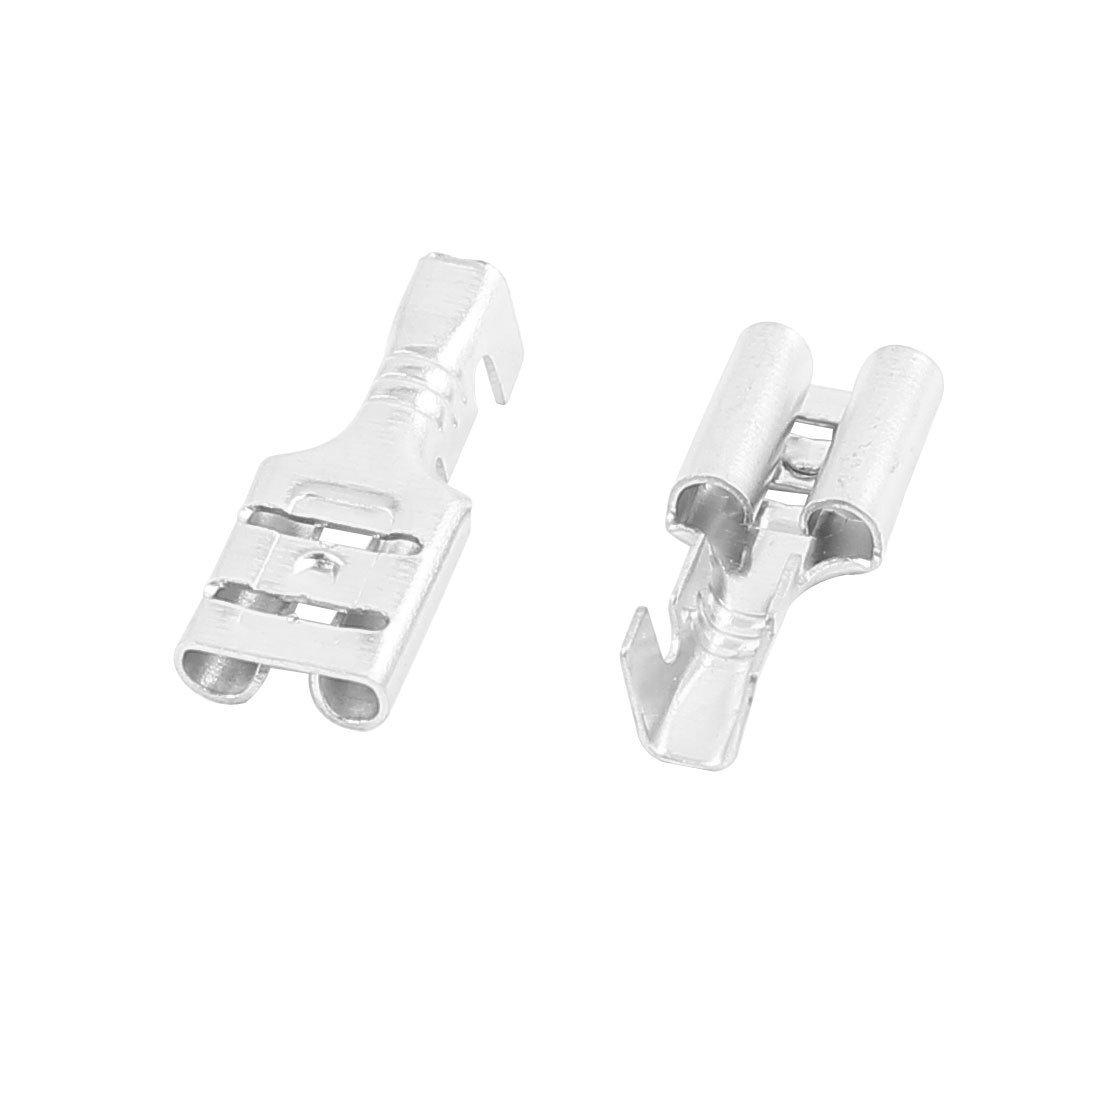 EbuyChX Silver Tone Terminal Connectors na May 10 piraso, 14 mm Haba Babae Spade Crimp